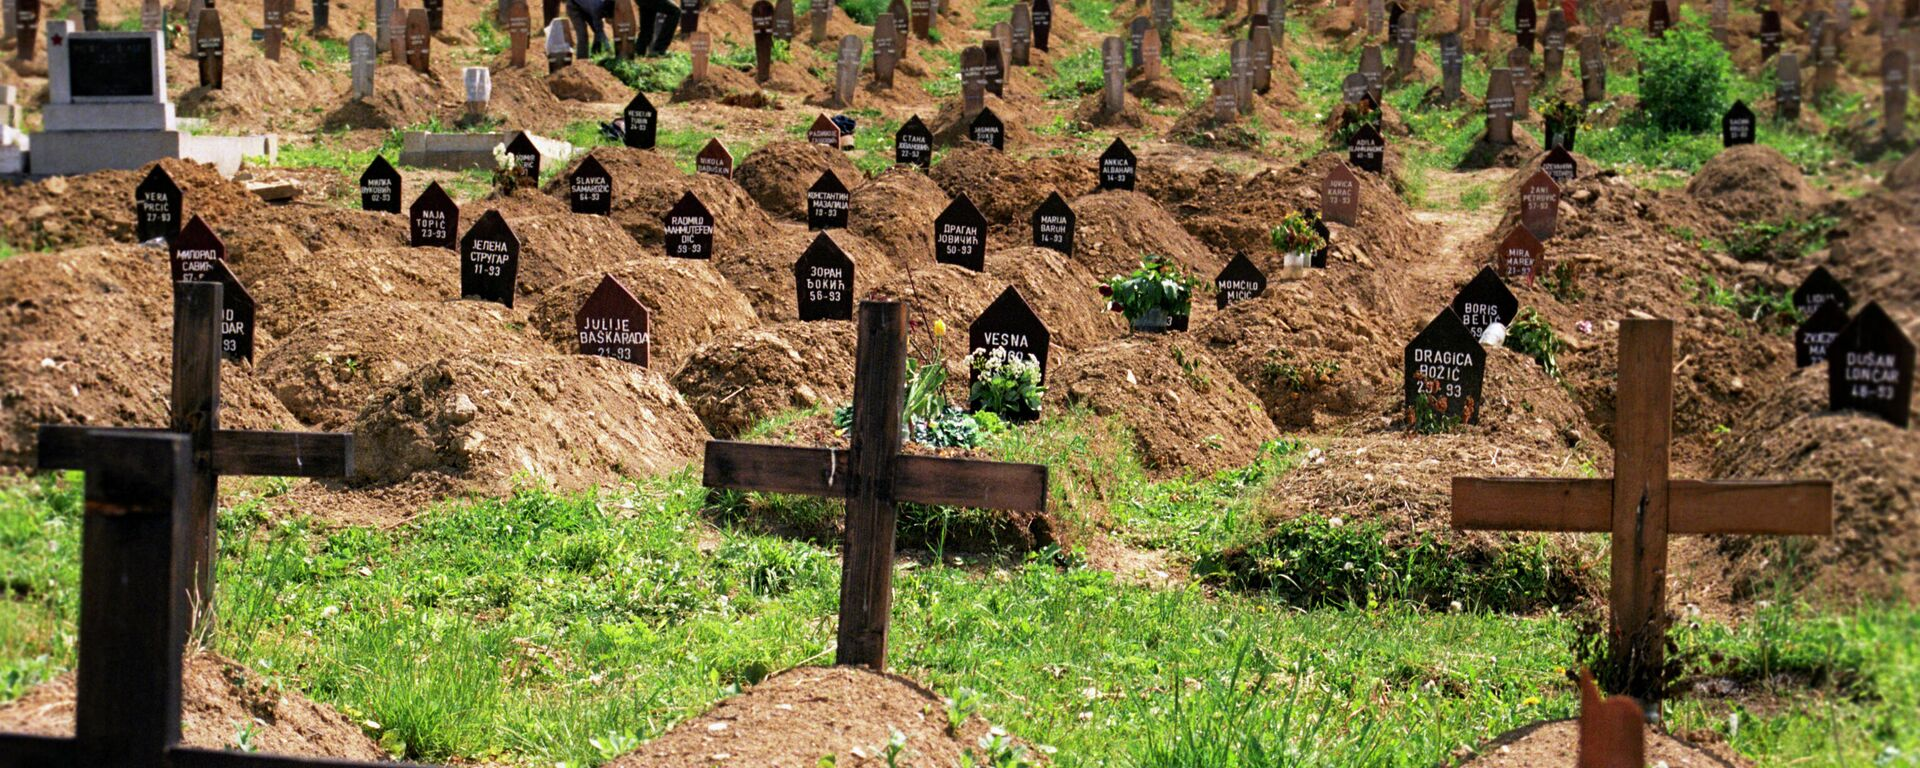 Un cementerio de Sarajevo, con restos de víctimas de la guerra en Yugoslavia - Sputnik Mundo, 1920, 24.03.2021